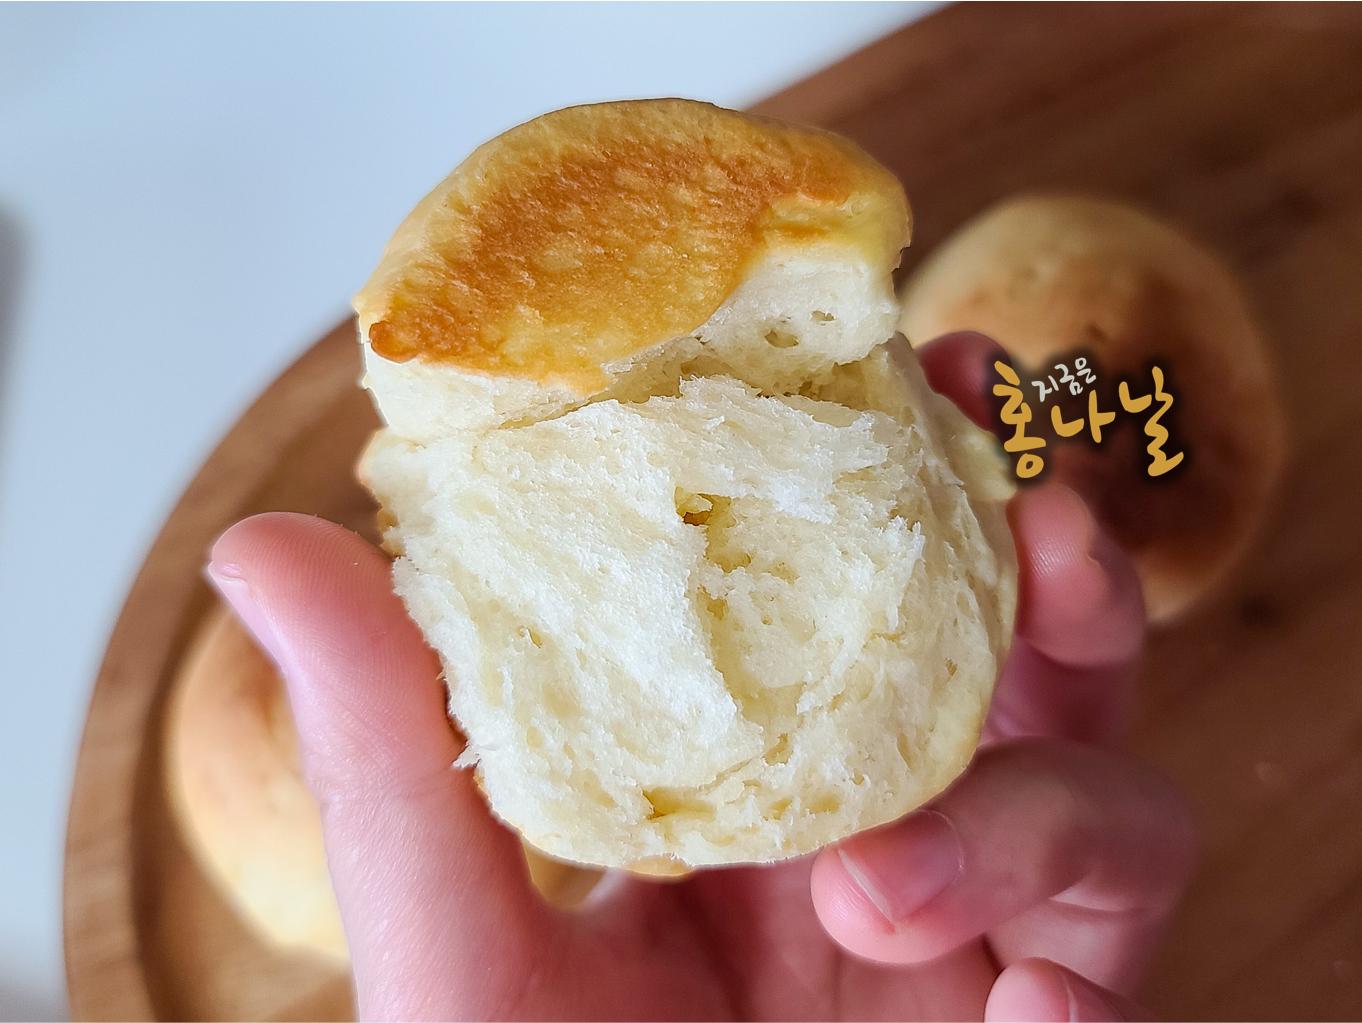 [모닝빵] 빵 찢어서 속살 보여주기